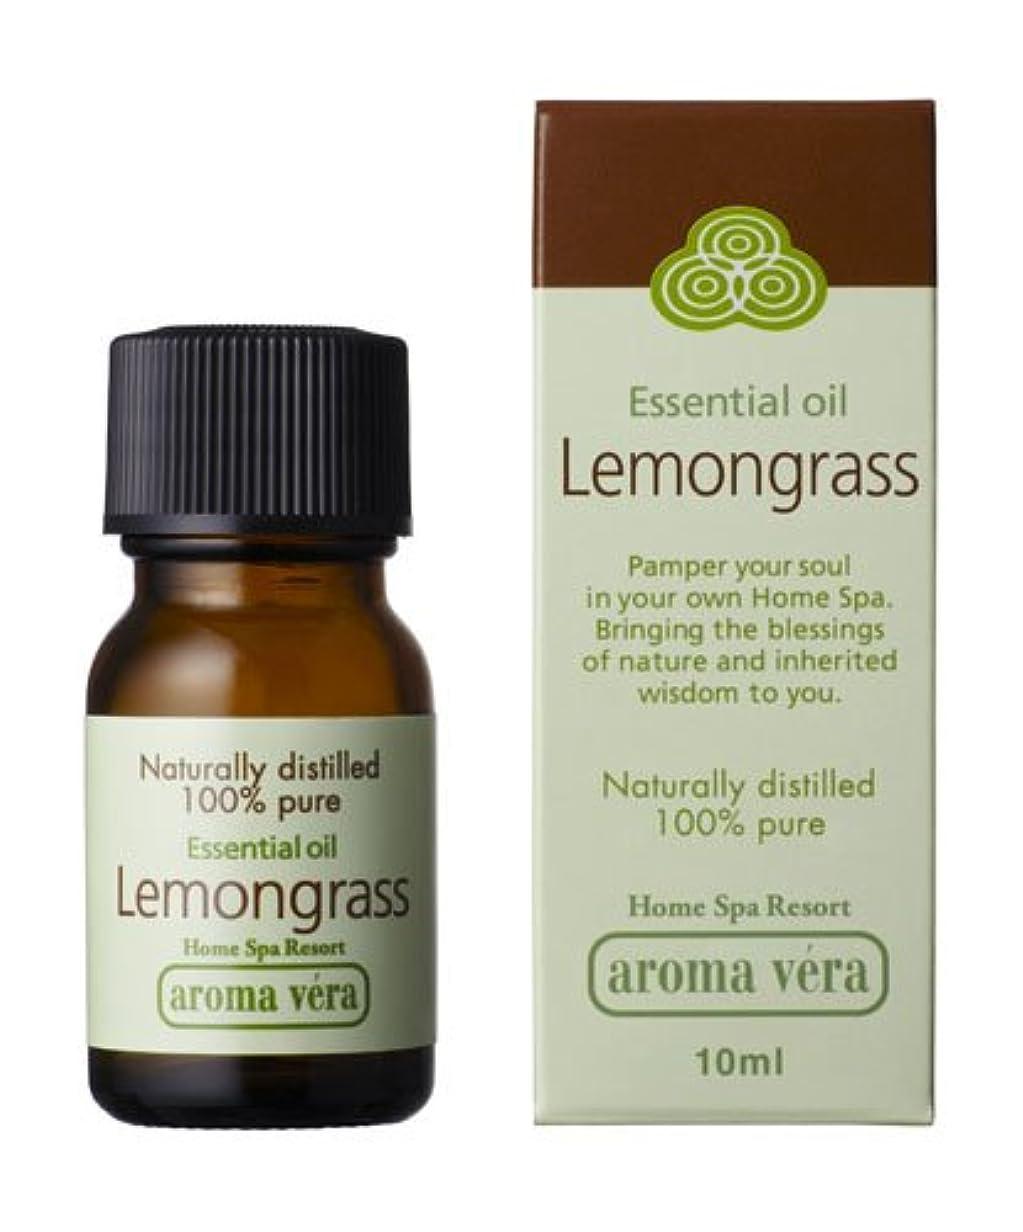 バイバイ祖母共同選択アロマベラ エッセンシャルオイル レモングラス 10ml